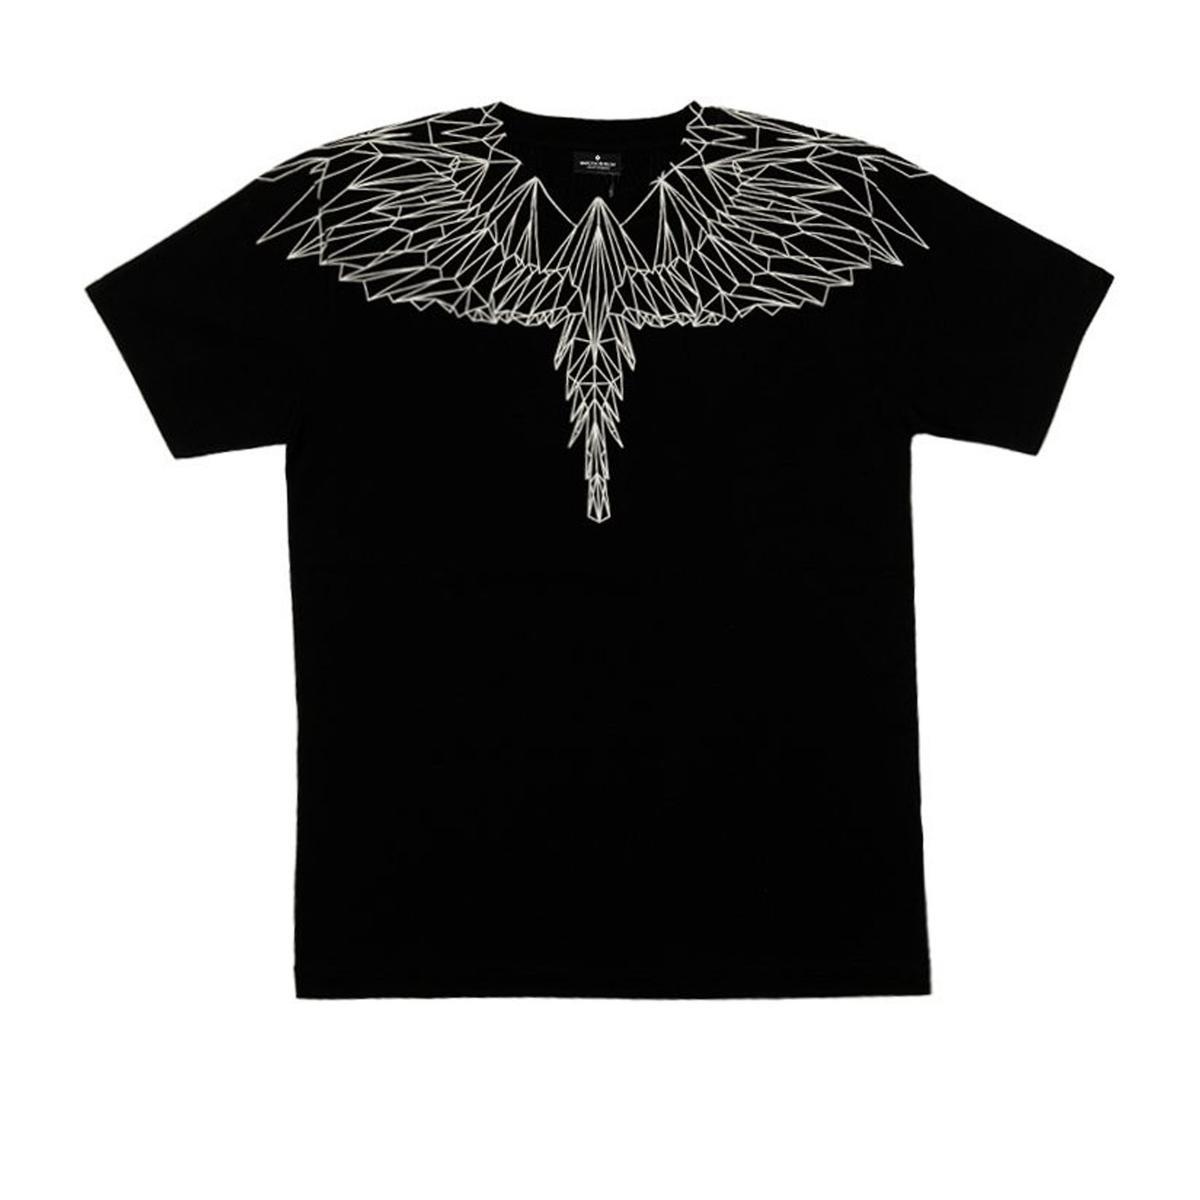 T-shirt Marcelo Burlon Neon Wings con stampa unisex rif. NEON WINGS